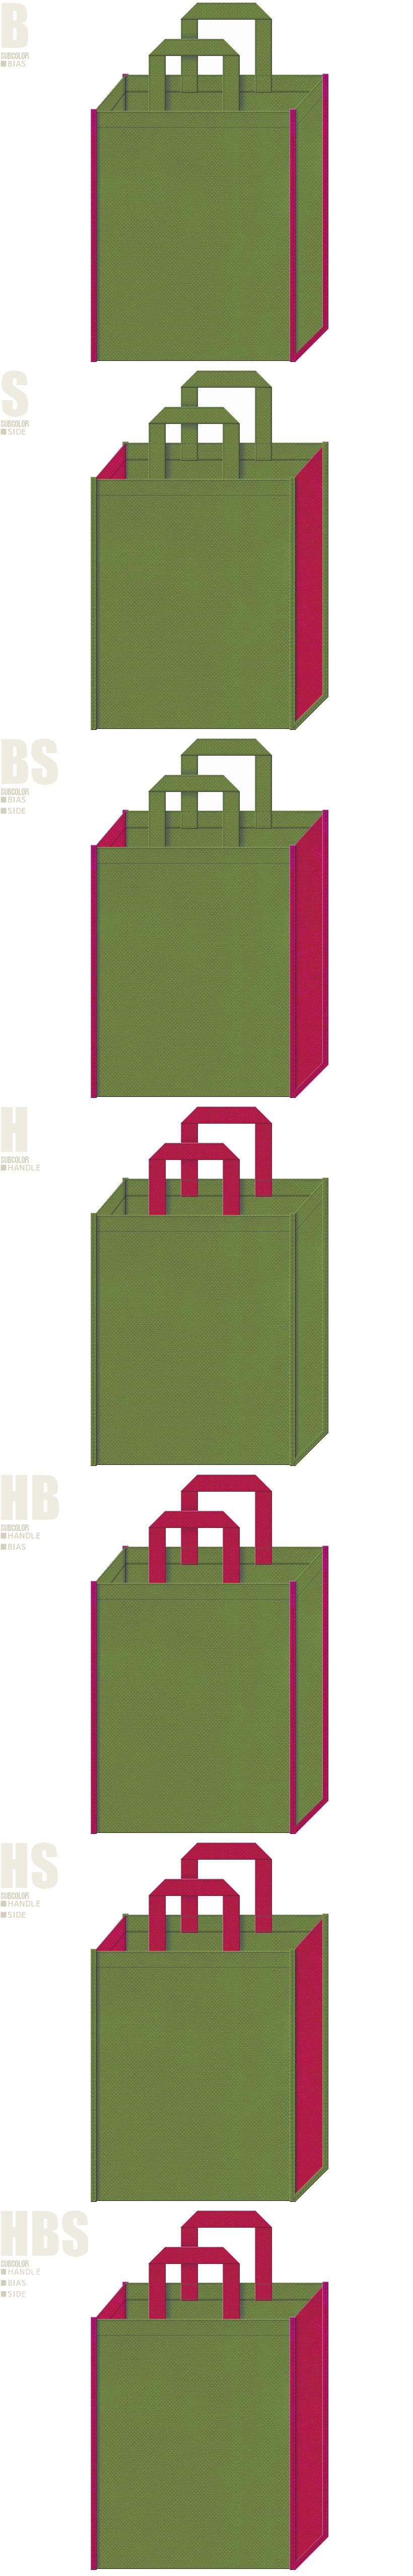 梅・メジロ・草履・着物・帯・和風催事にお奨めの不織布バッグデザイン:草色と濃いピンク色の配色7パターン